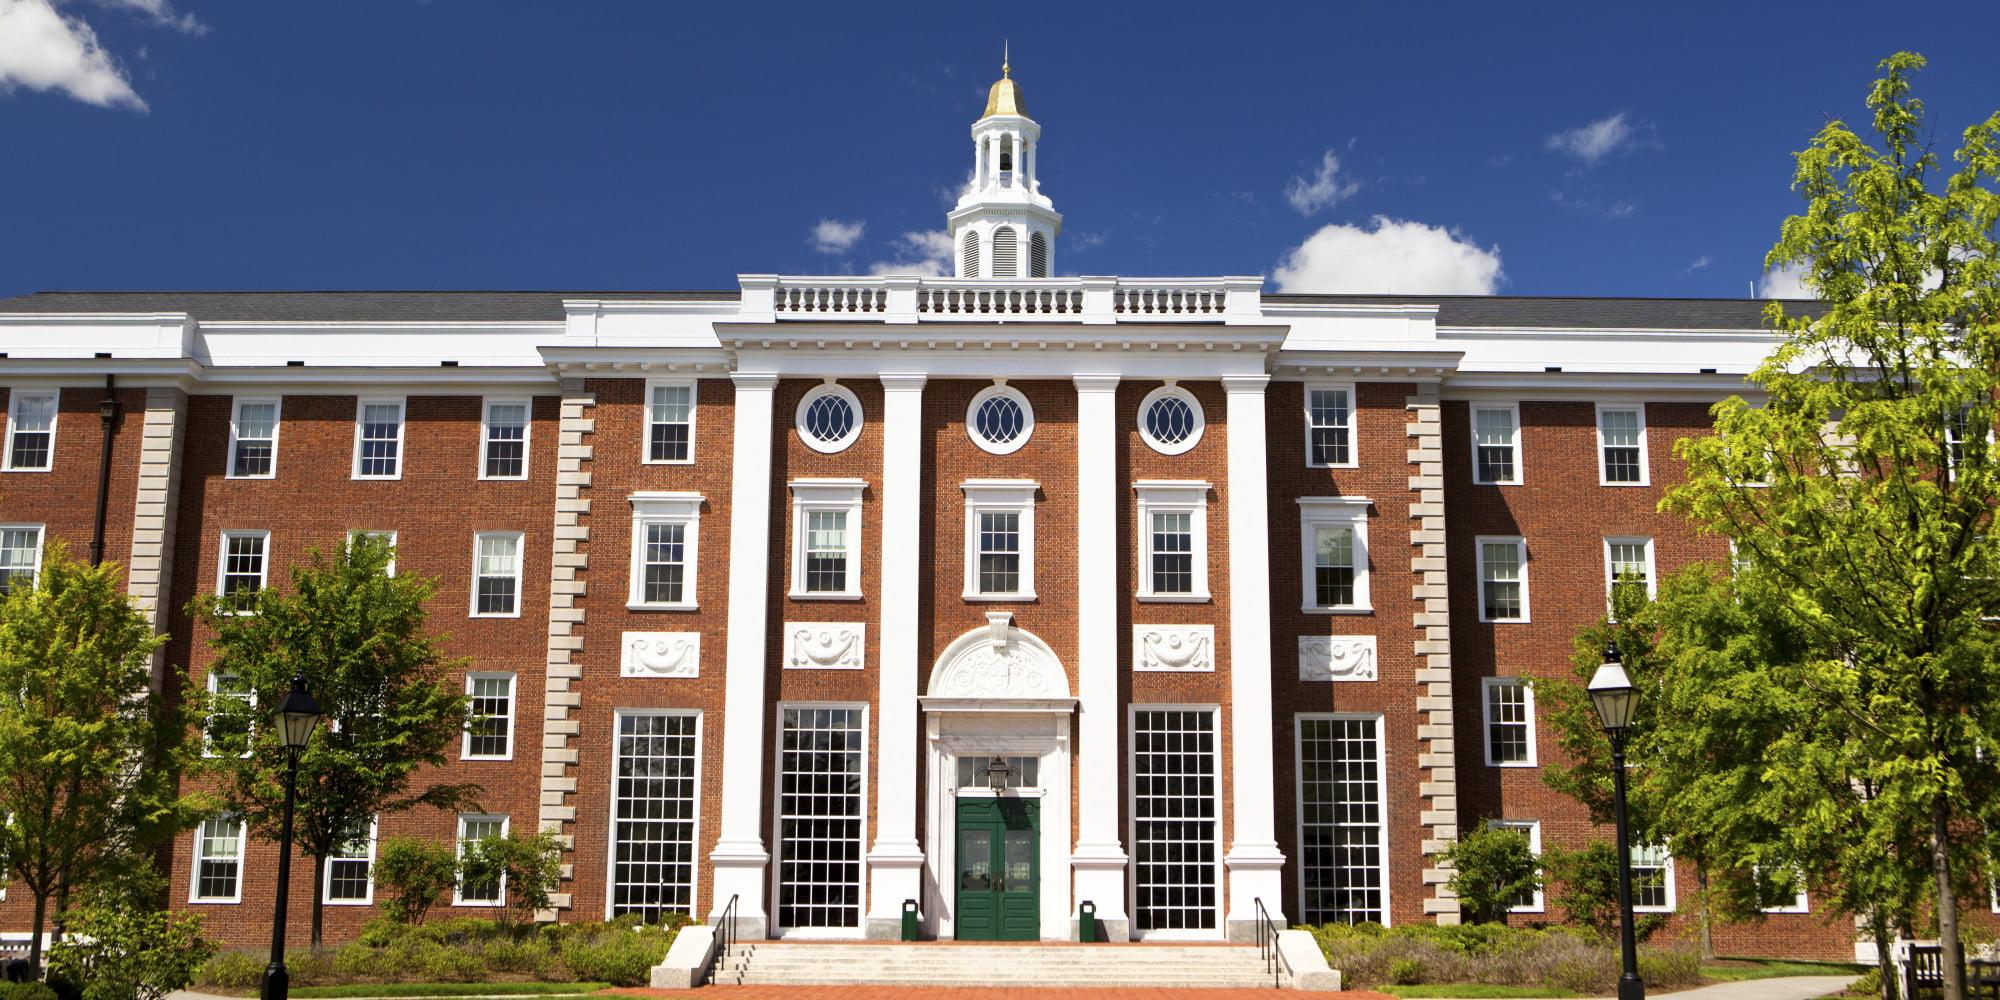 جامعة هارفارد - الخيار الأفضل للطلاب الإماراتيين الذين يبحثون عن جامعة Ivy League الأمريكية